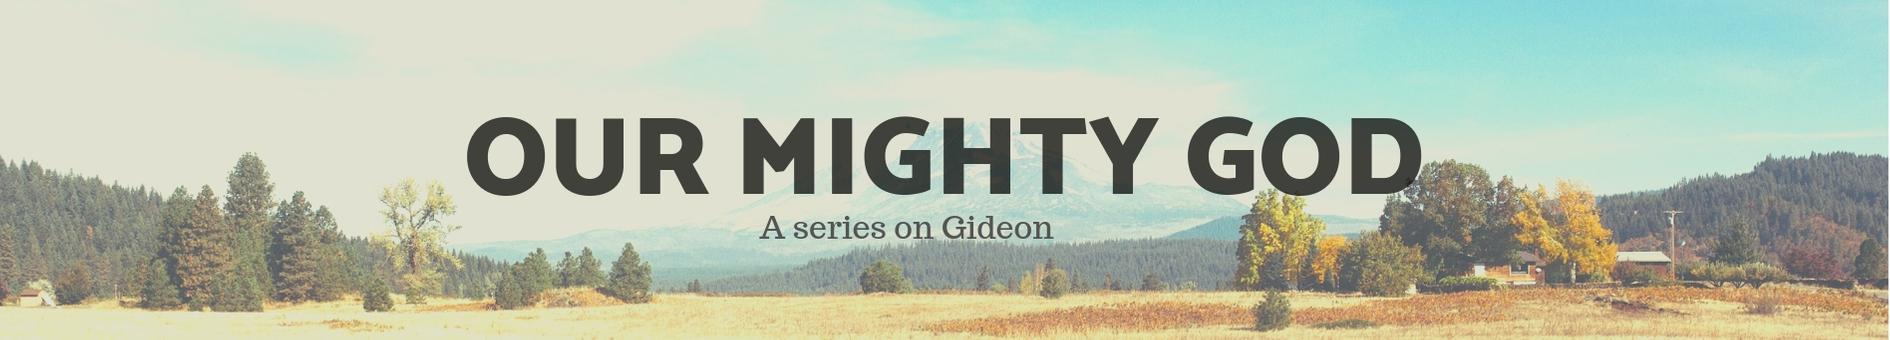 Gideon Banner.jpg